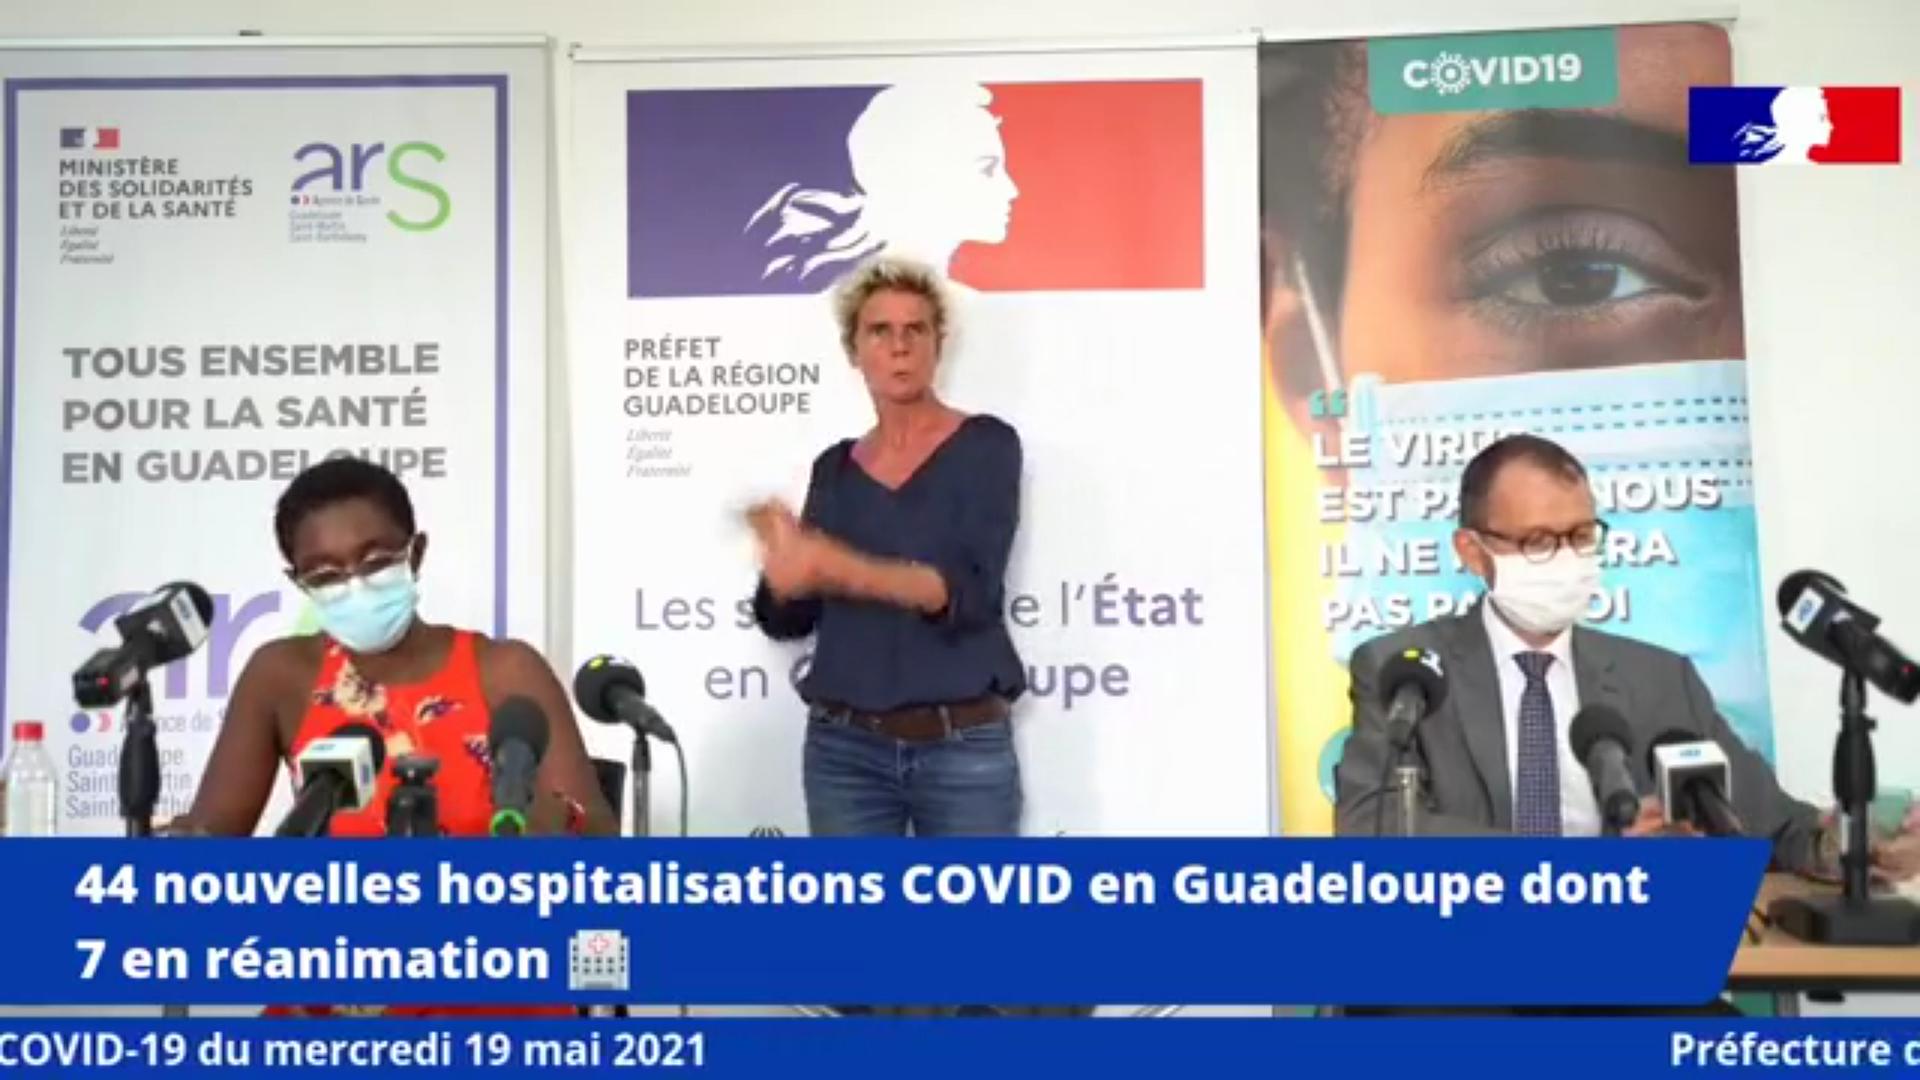 [Vidéo] Onews Guadeloupe. Covid. Lente amélioration. Mesures de confinement maintenues jusqu'au 25 mai